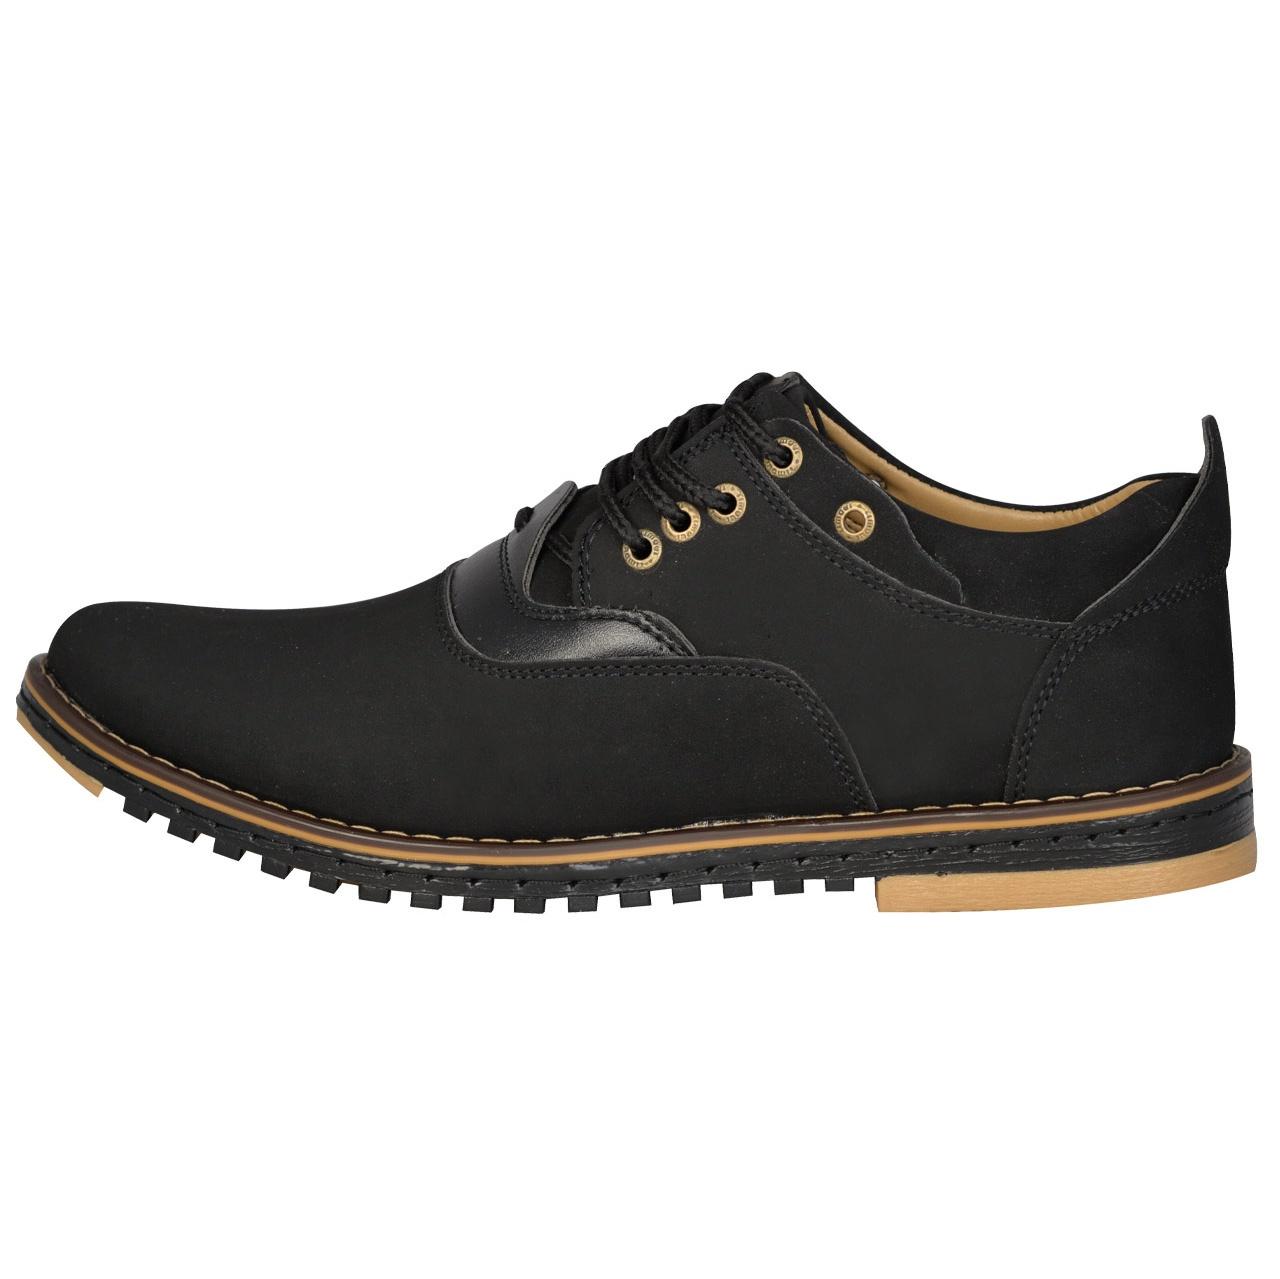 کفش روزمره مردانه کد 324000135